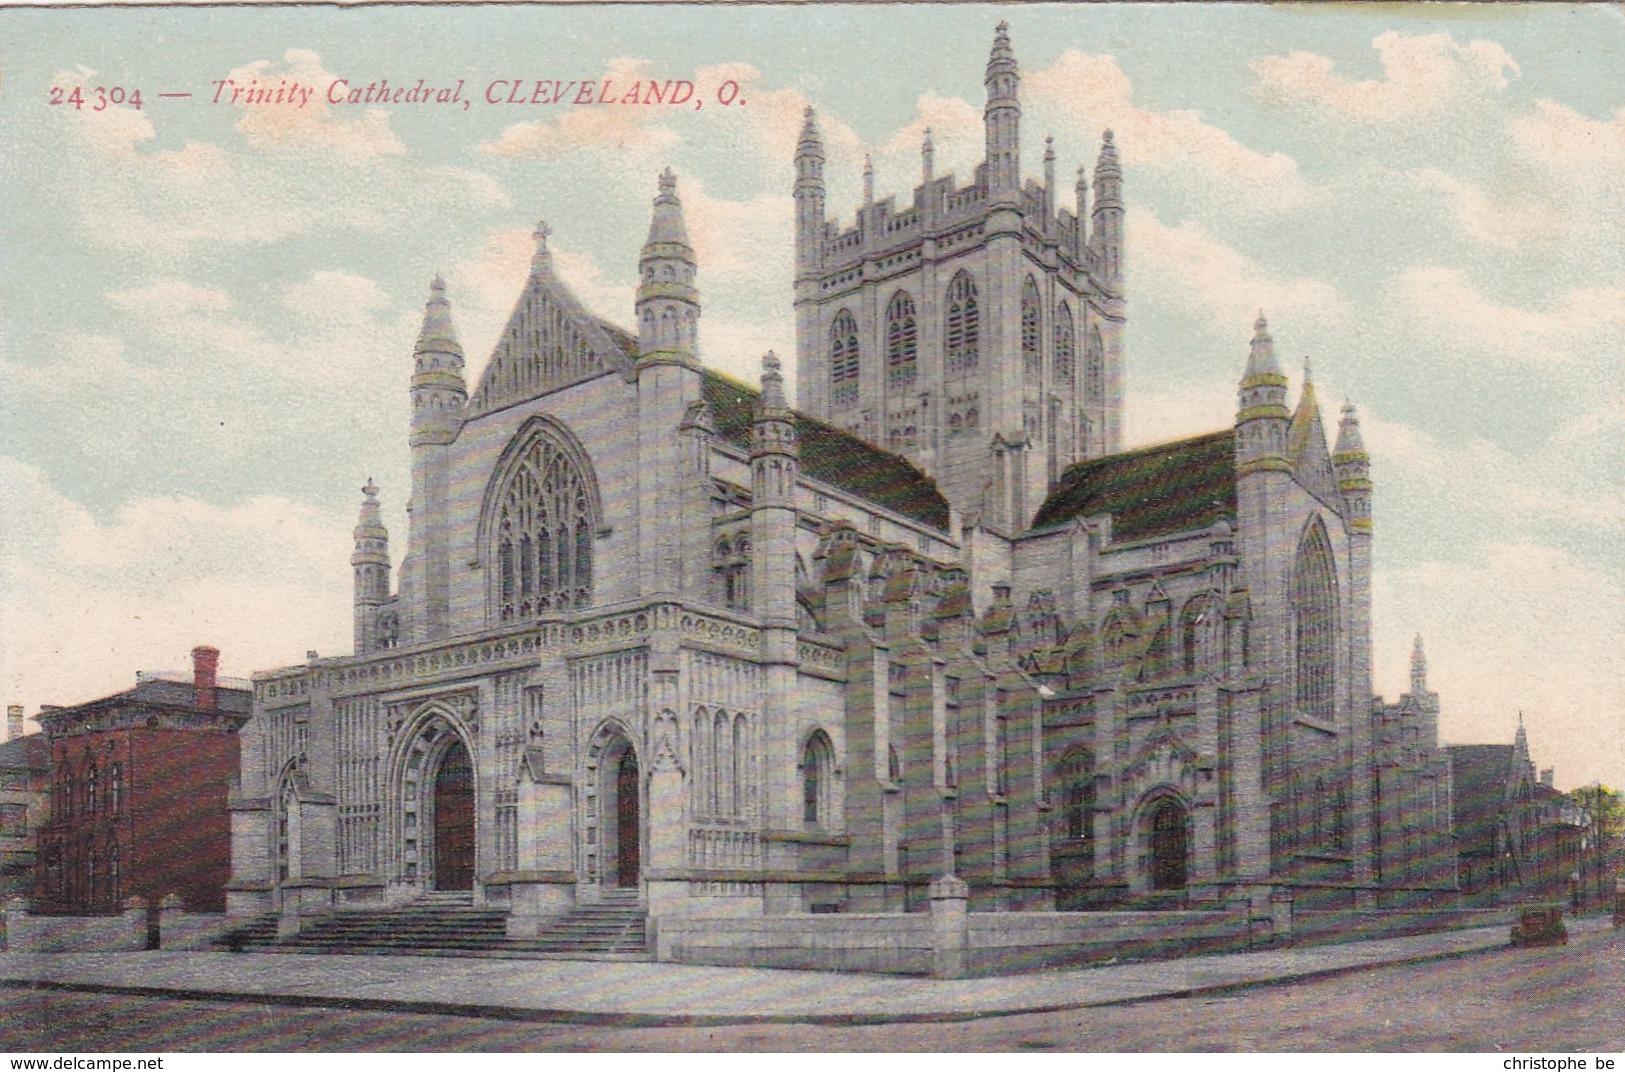 Trinity Cathedral Cleveland Ohio (pk40675) - Cleveland